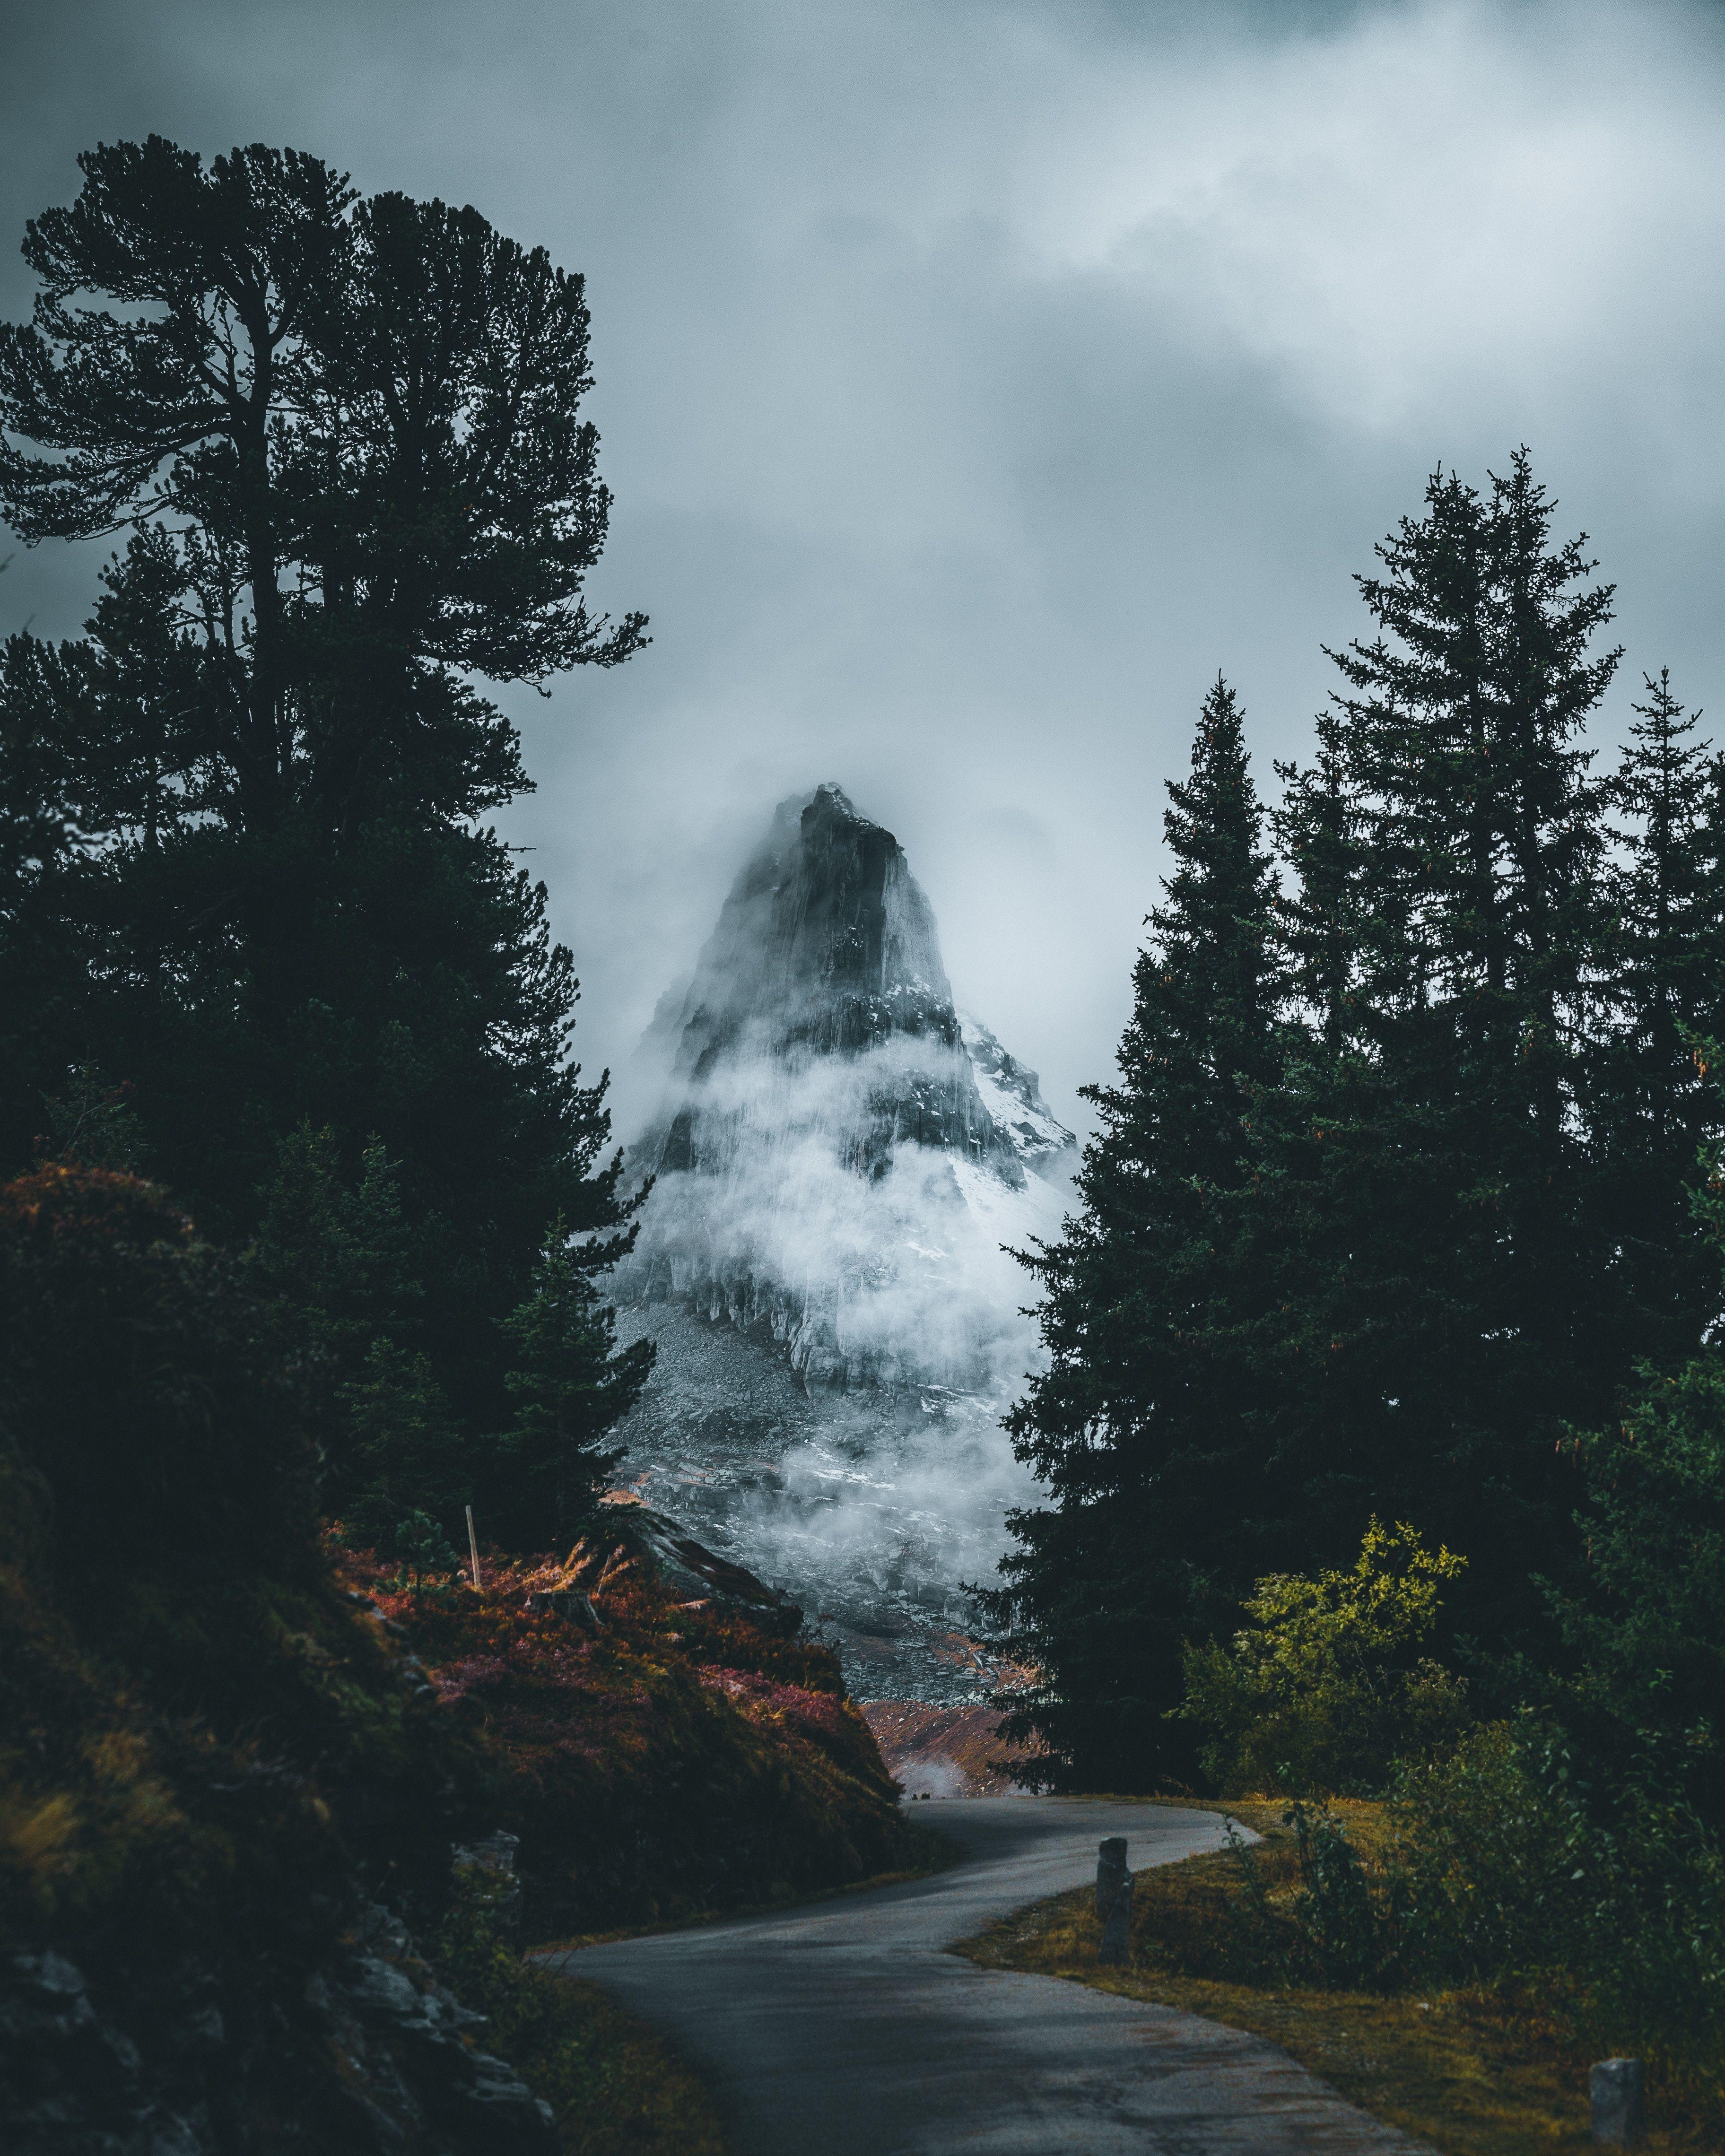 25 Professional Lightroom Preset Packs For Landscape Nature And Travel Phot Landscape Photography Nature Mountain Landscape Photography Landscape Photography